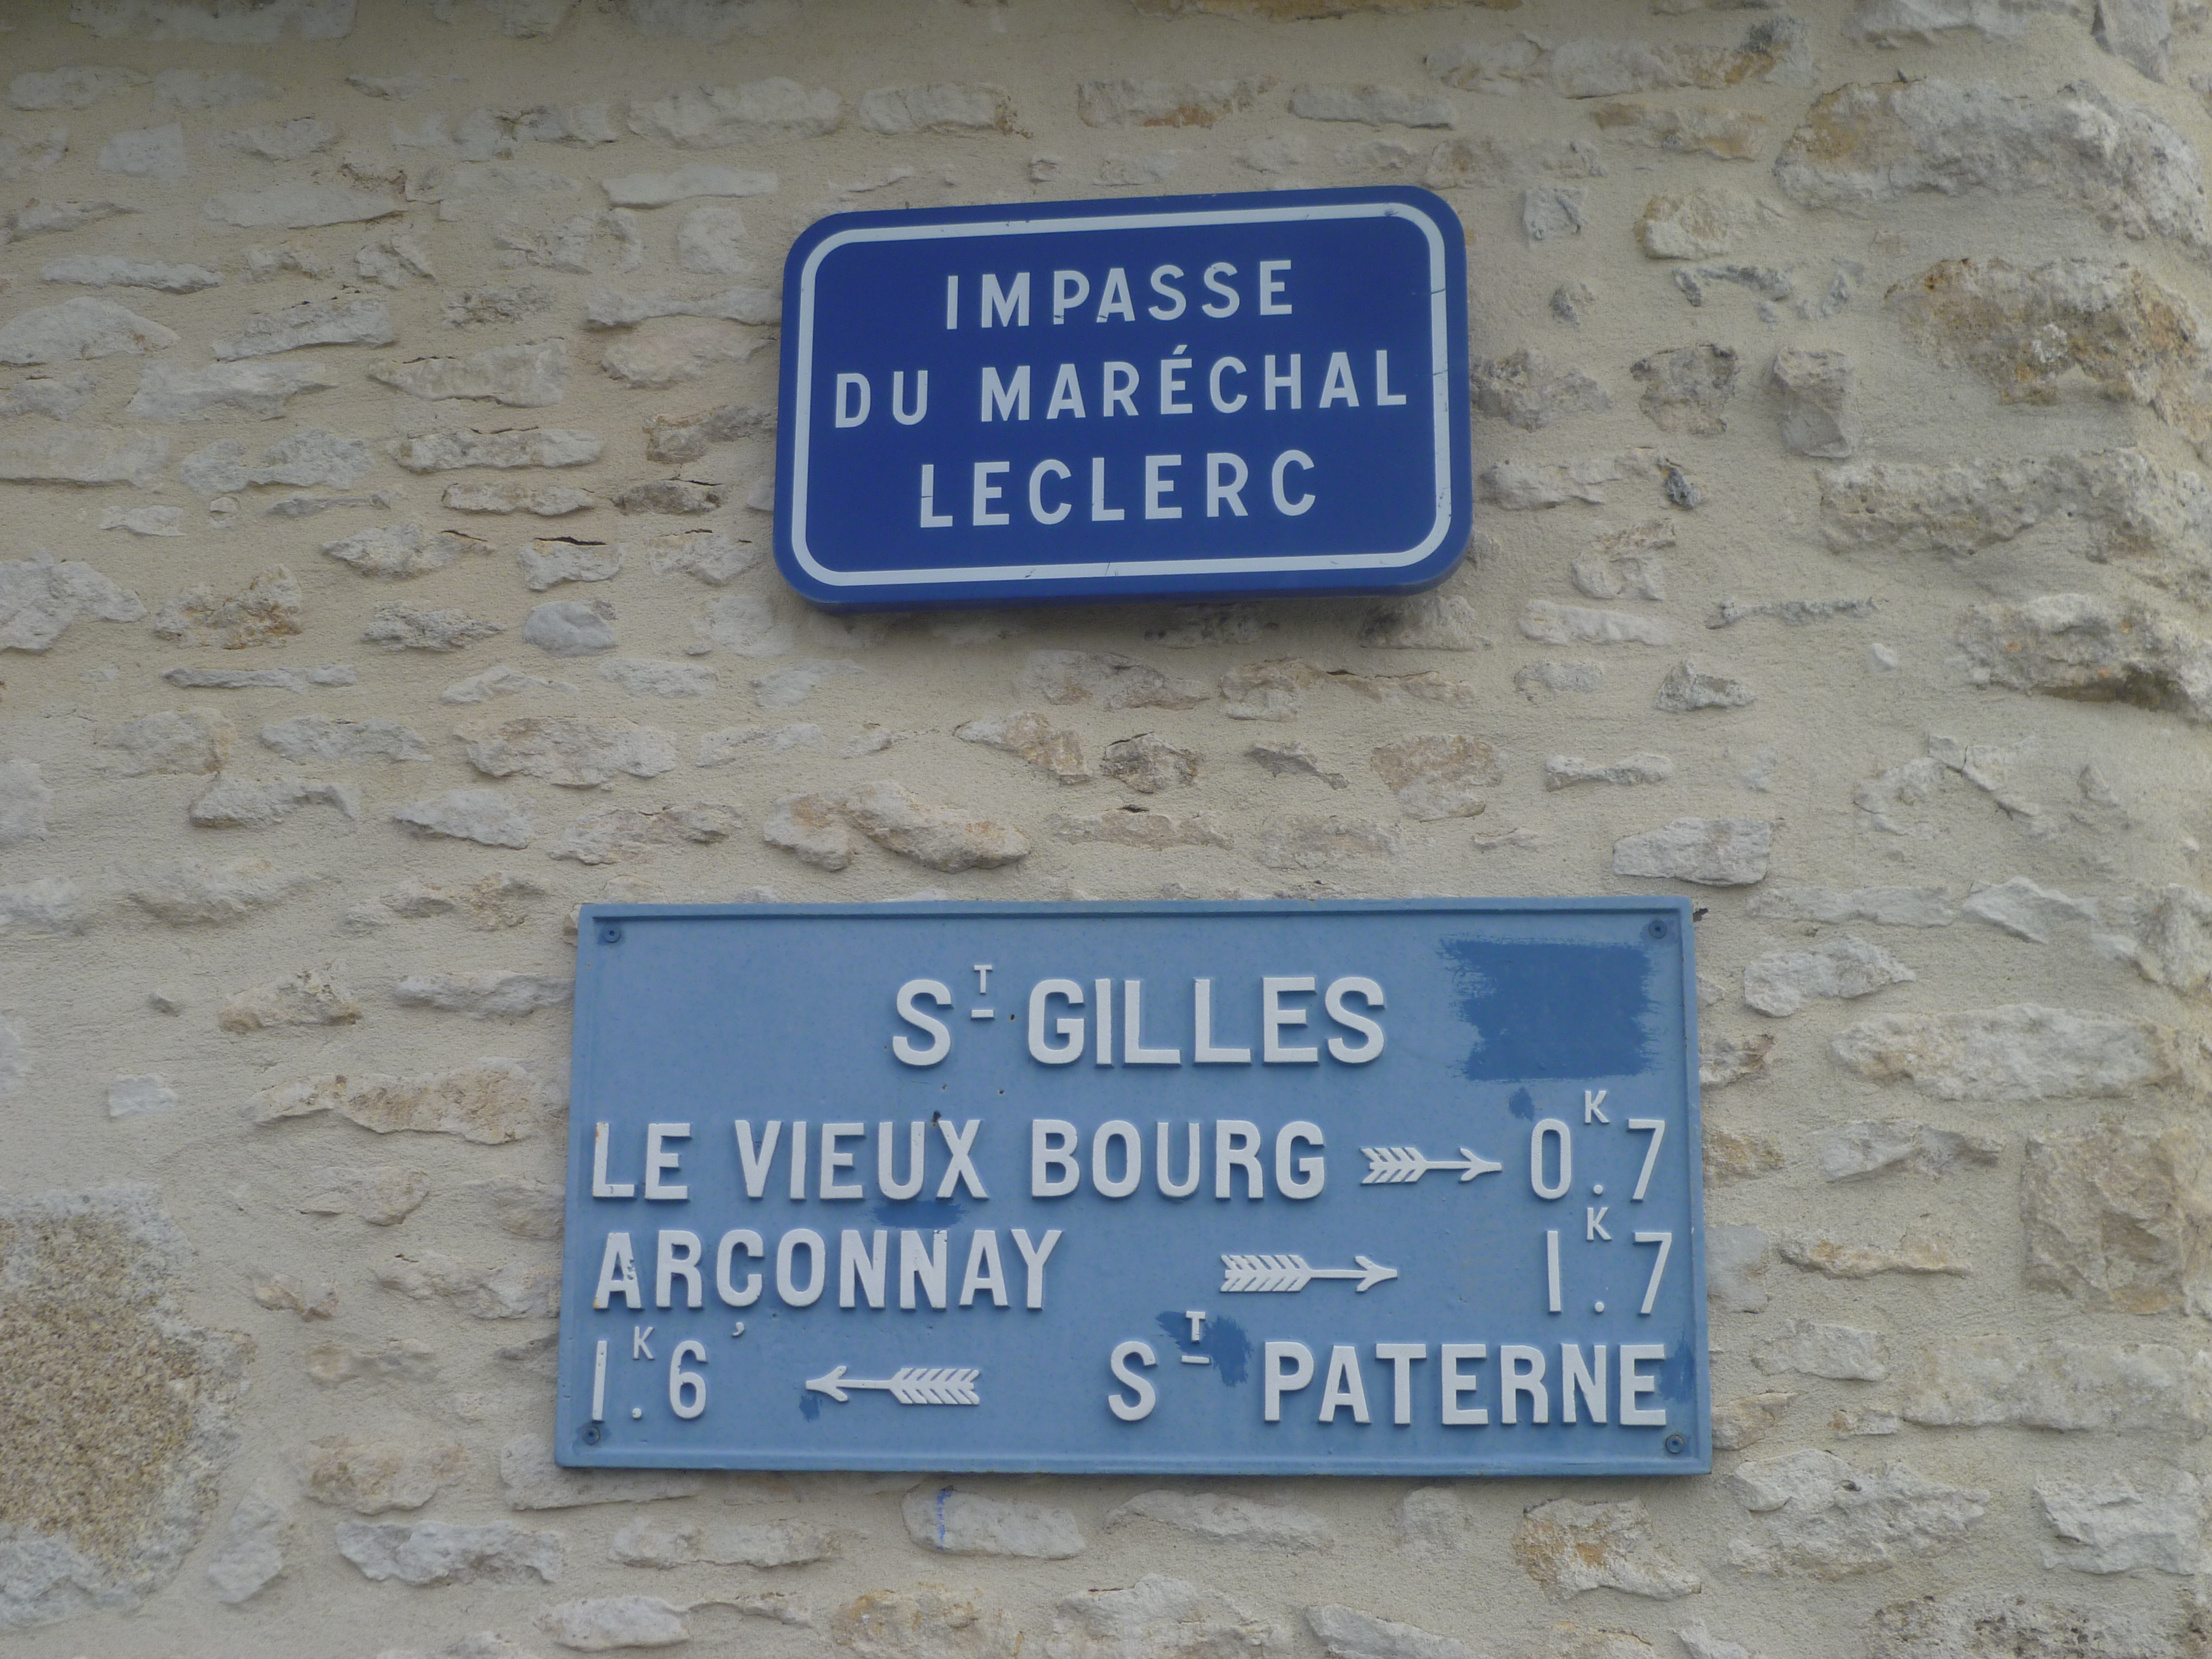 Saint Paterne - Saint Gilles, impasse du Maréchal Leclerc (Saint Paterne) - Plaque de cocher - Le Vieux Bourg - Arçonnay - Saint Paterne (Gwéna Tireau)